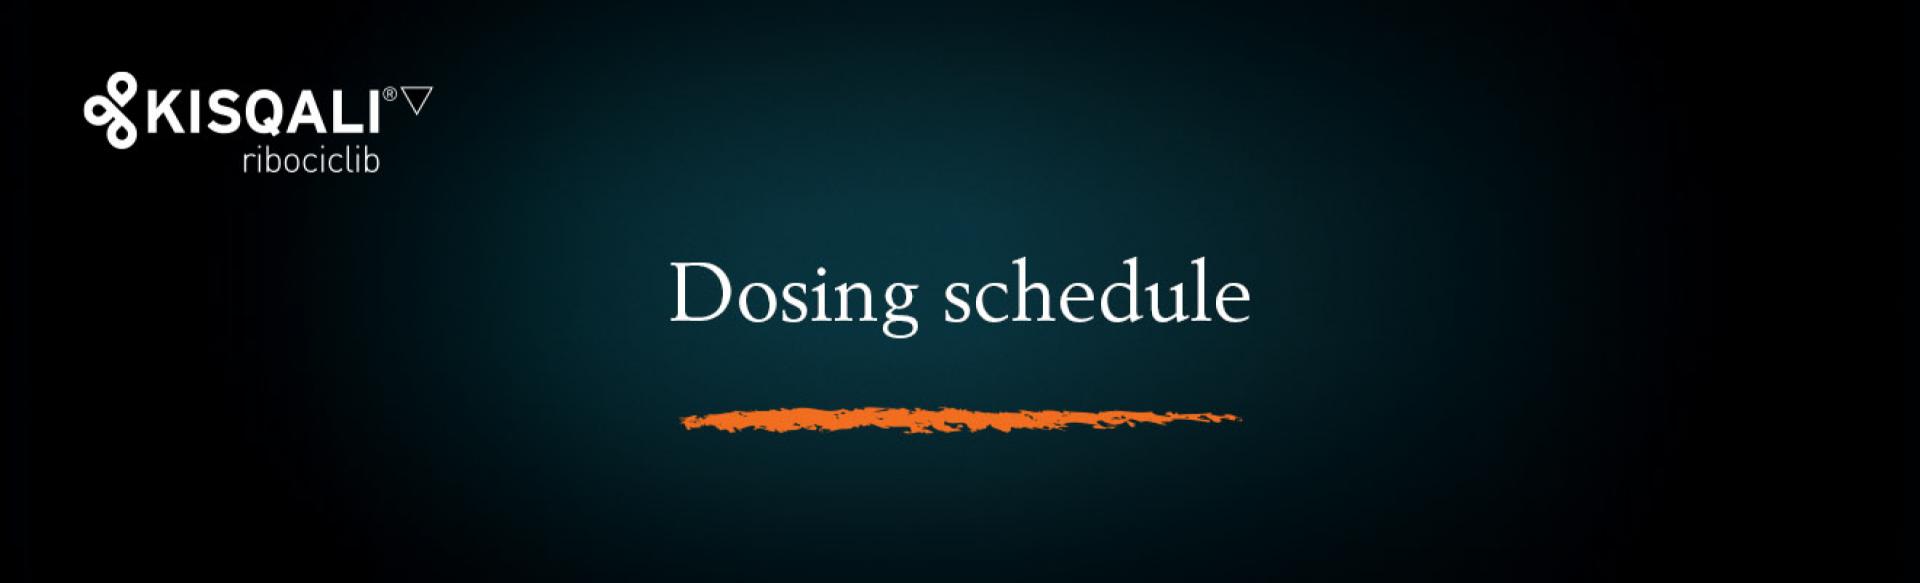 Top banner. Dosing − Dosing schedule